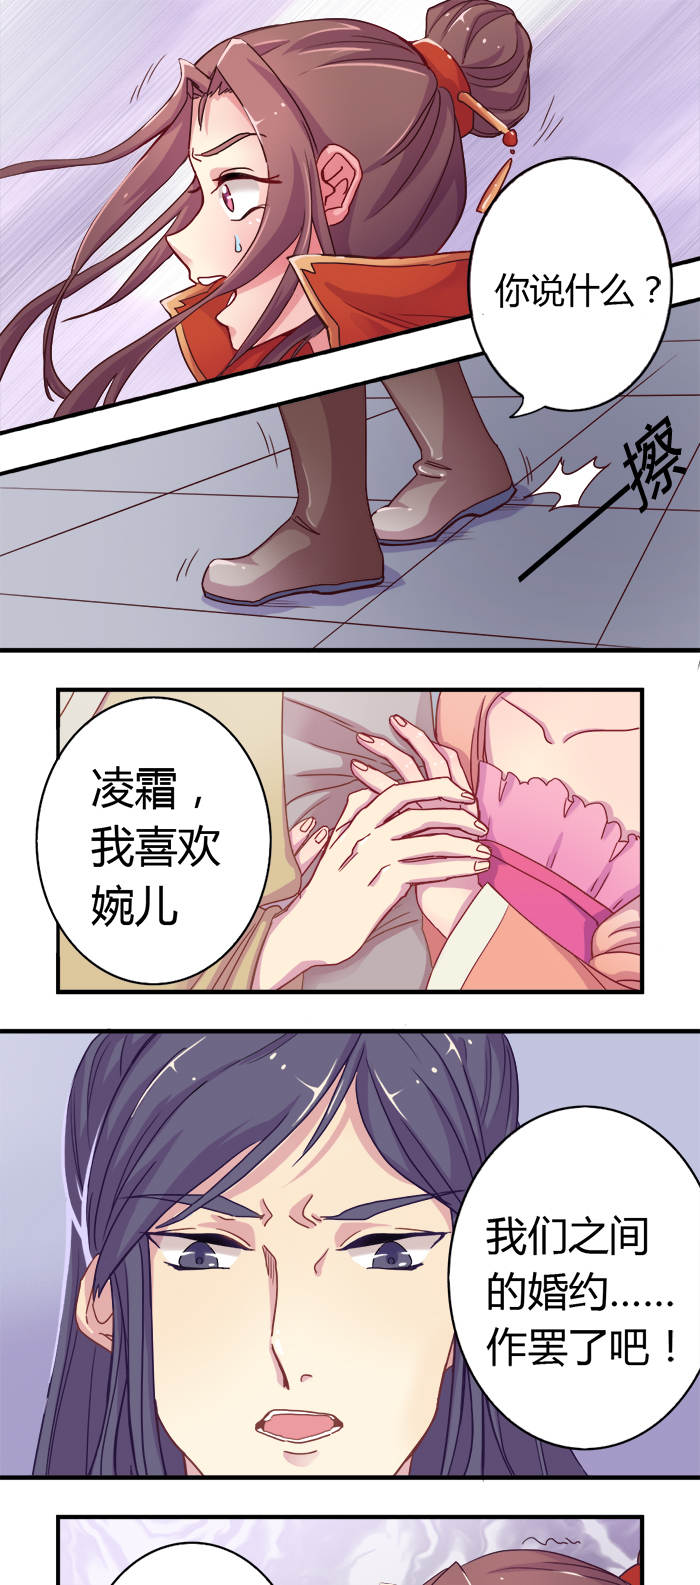 将军有喜第2话  悔婚(上) 第 7